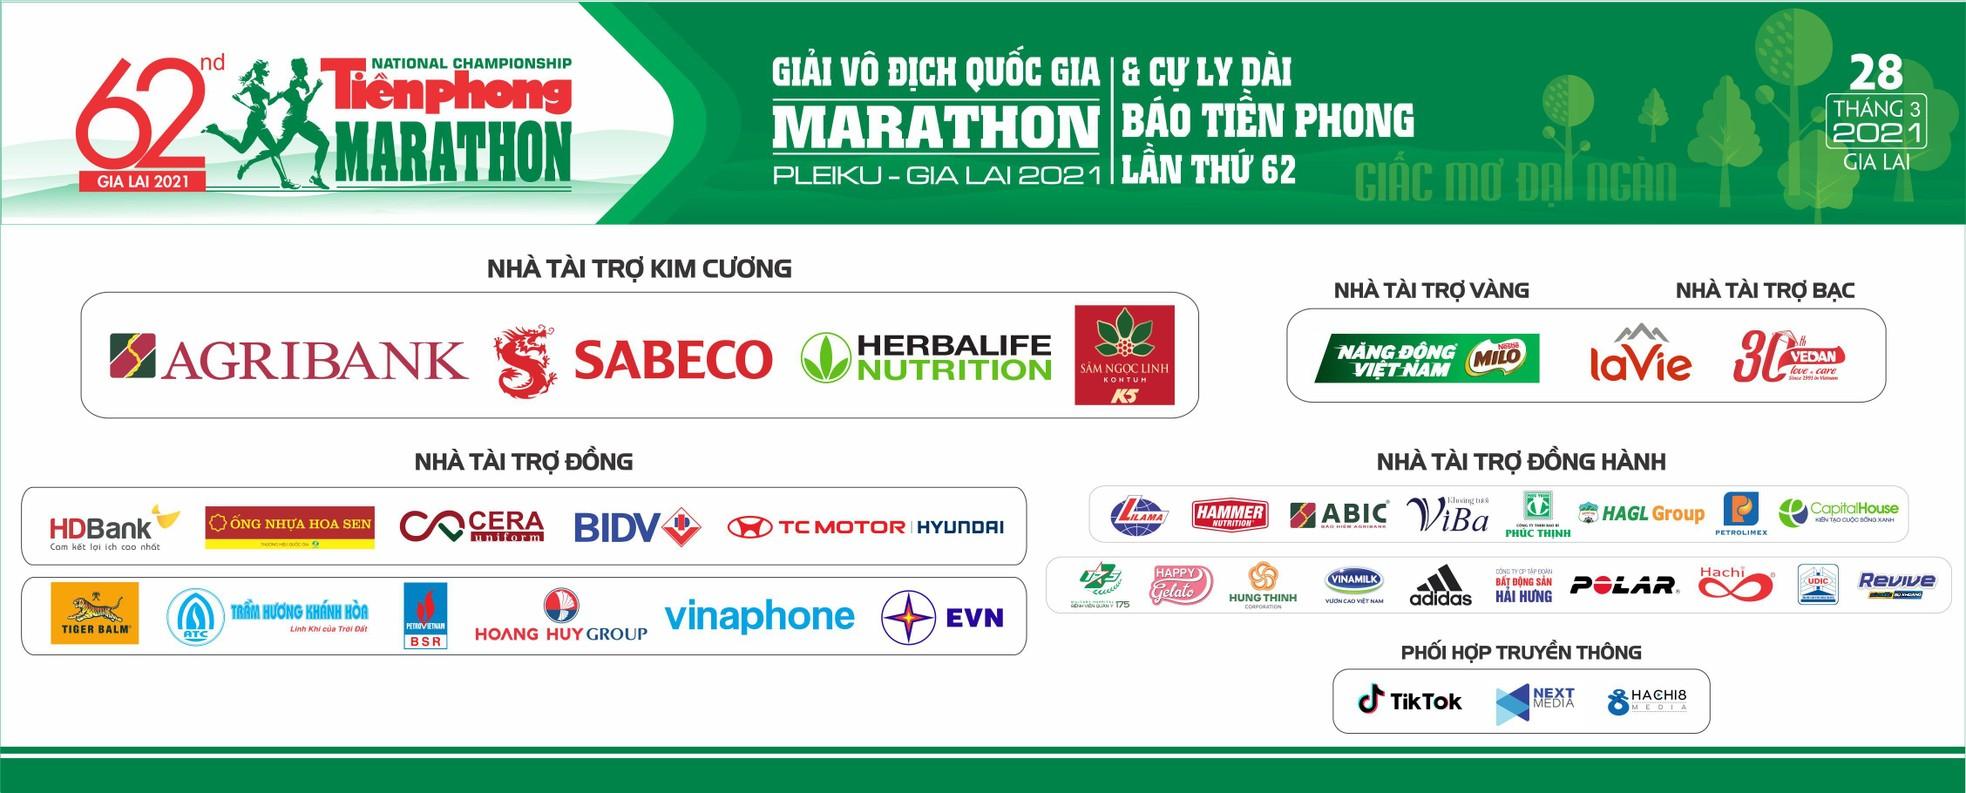 Tiền Phong Marathon 2021 chung tay vì một Việt Nam xanh ảnh 19